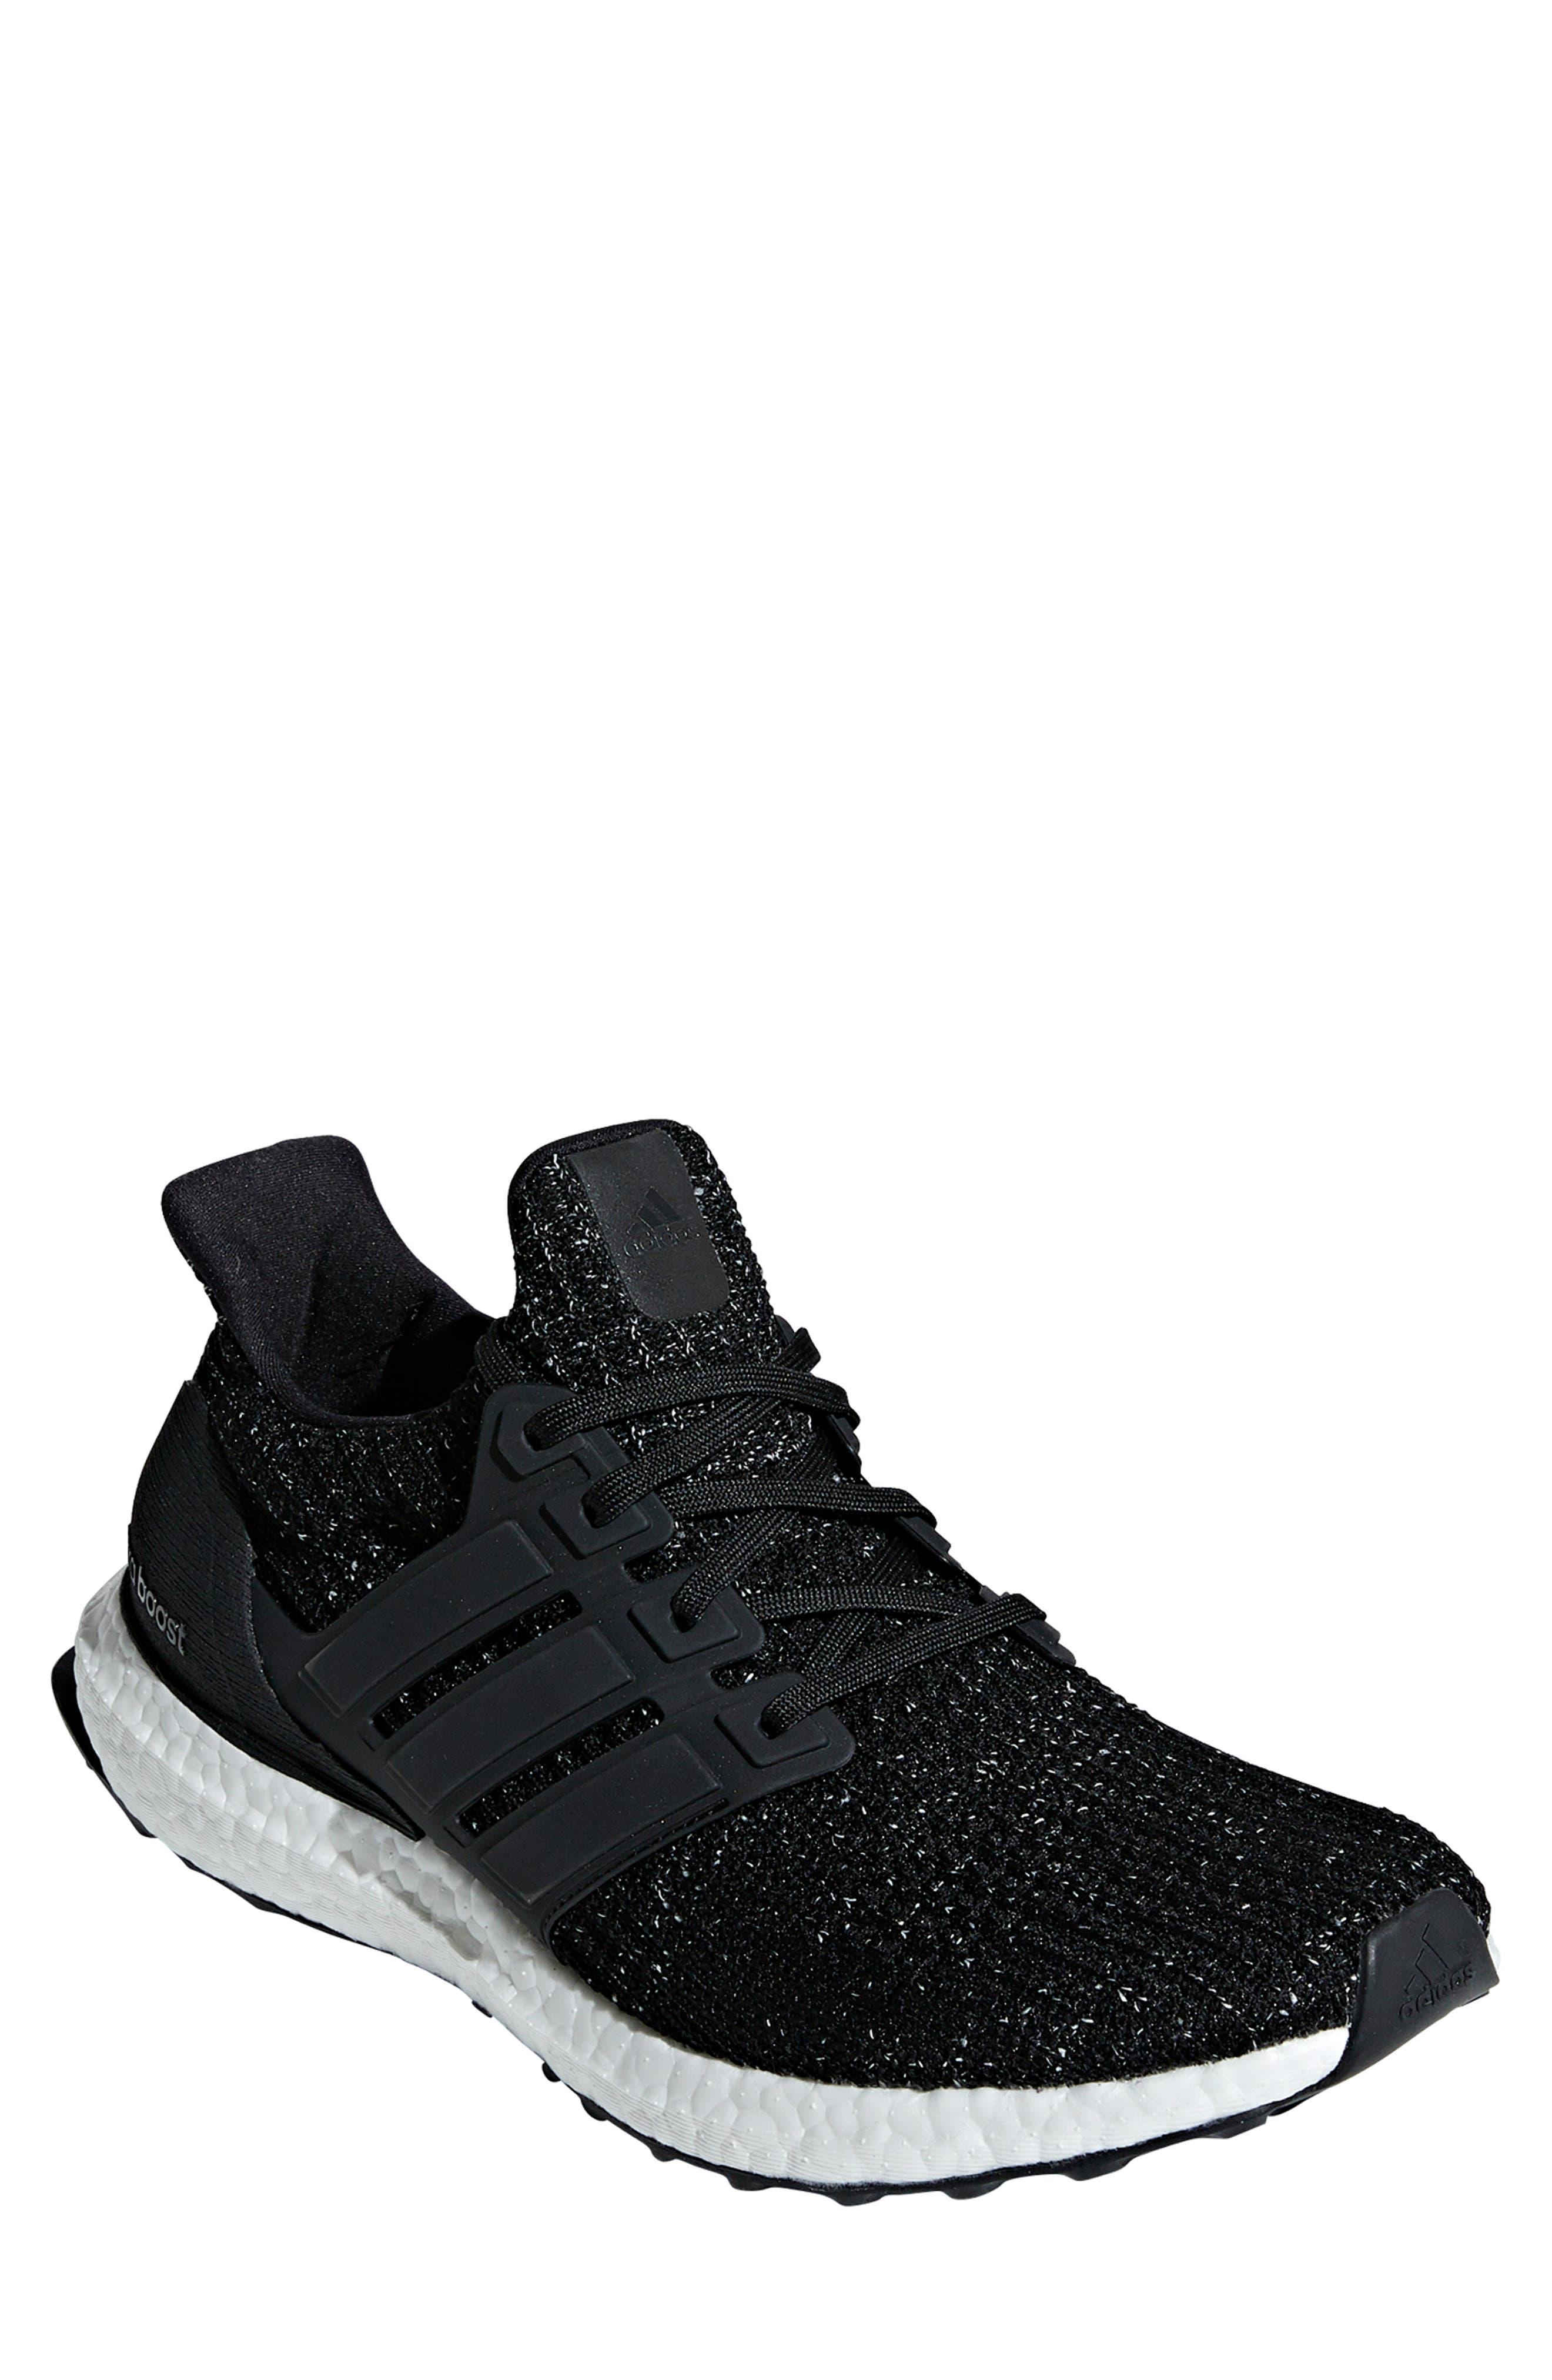 3115629cd733a Men s Adidas  Ultraboost  Running Shoe